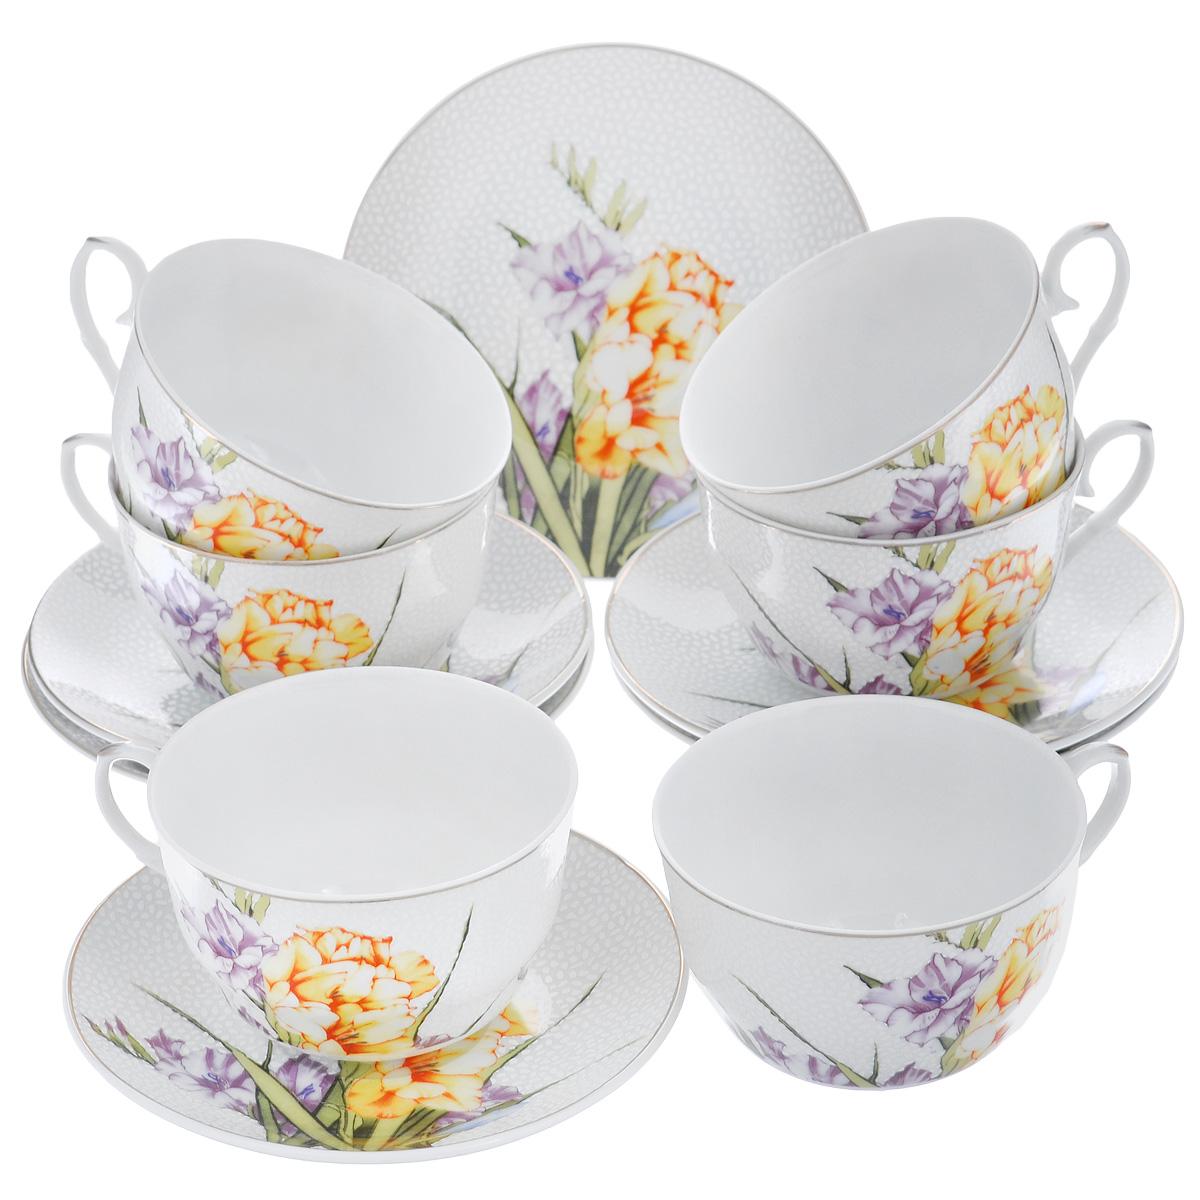 Набор чайный Briswild Цветочный унисон, 12 предметовVT-1520(SR)Чайный набор Briswild Цветочный унисон, выполненный из высококачественного фарфора, состоит из 6 чашек и 6 блюдец. Изделия декорированы изображением гладиолусов. Элегантный дизайн и совершенные формы предметов набора привлекут к себе внимание и украсят интерьер вашей кухни. Чайный набор Briswild Цветочный унисон идеально подойдет для сервировки стола и станет отличным подарком к любому празднику.Набор упакован в подарочную коробку, внутренняя поверхность которой задрапирована белой атласной тканью. Не использовать в микроволновой печи. Не применять абразивные чистящие вещества. Объем чашки: 250 мл. Диаметр по верхнему краю: 9,5 см.Высота стенки: 5 см. Диаметр блюдца: 14 см.